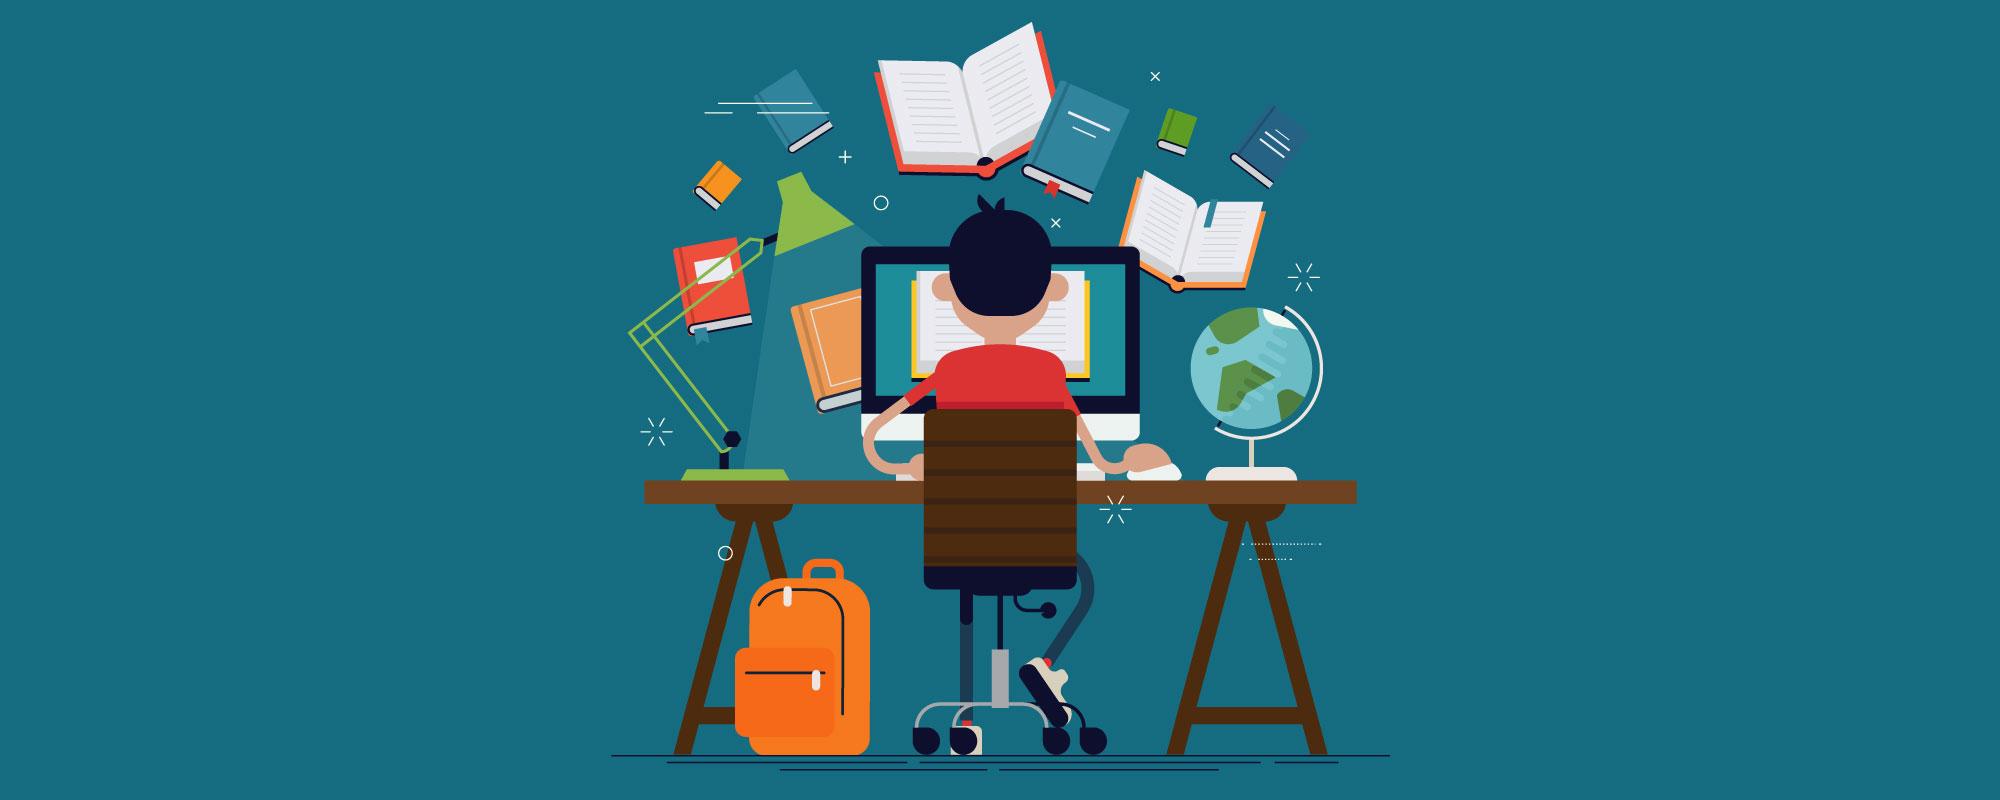 Desventajas de estudiar en línea y ventajas - Blog OCCMundial